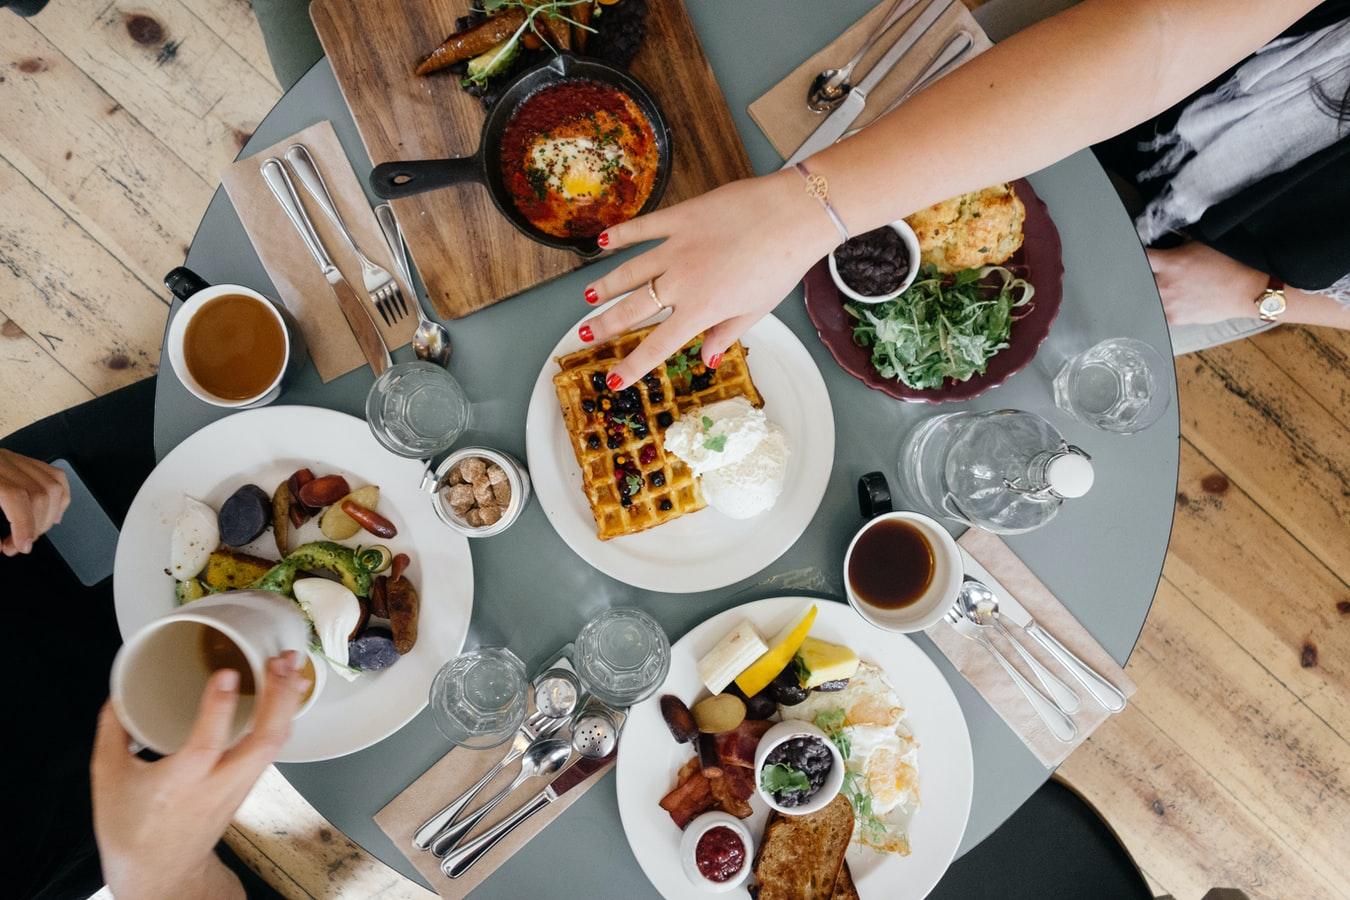 Restaurants, piscines, salles de sport :Tout ce qui va rouvrir la semaine prochaine dans le Grand Est